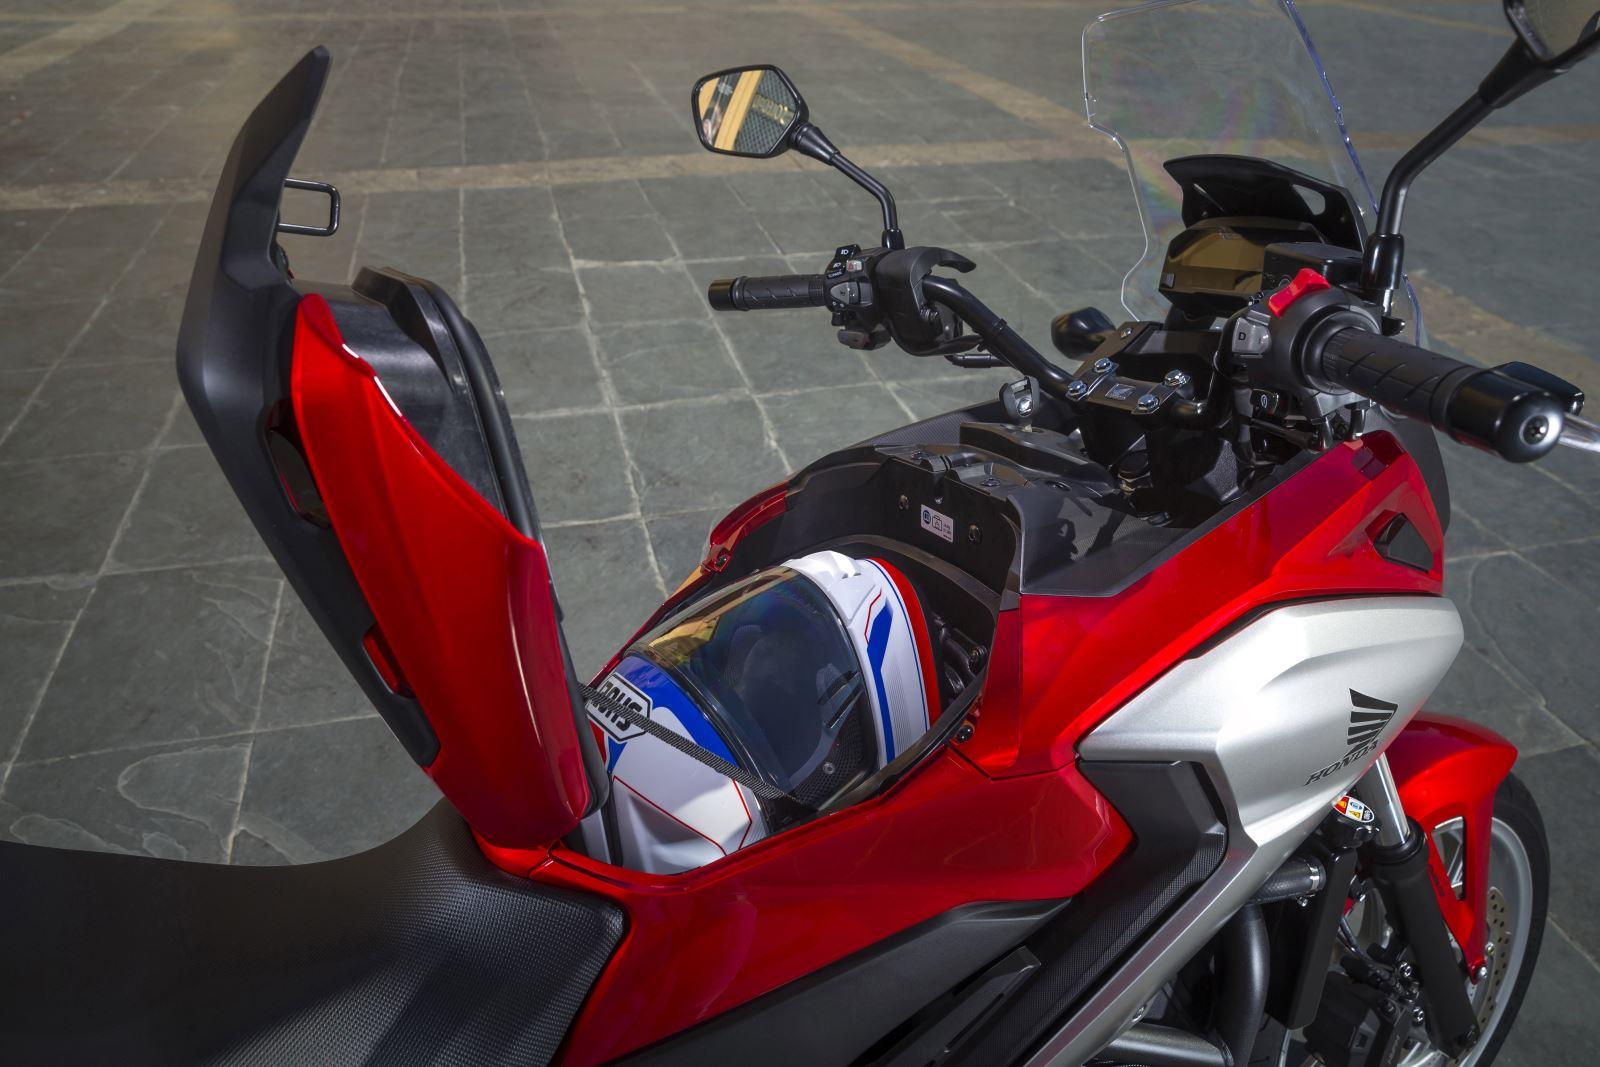 Karşılaştırma; Yamaha Tracer 700 Honda NC750X karşısında! 9. İçerik Fotoğrafı